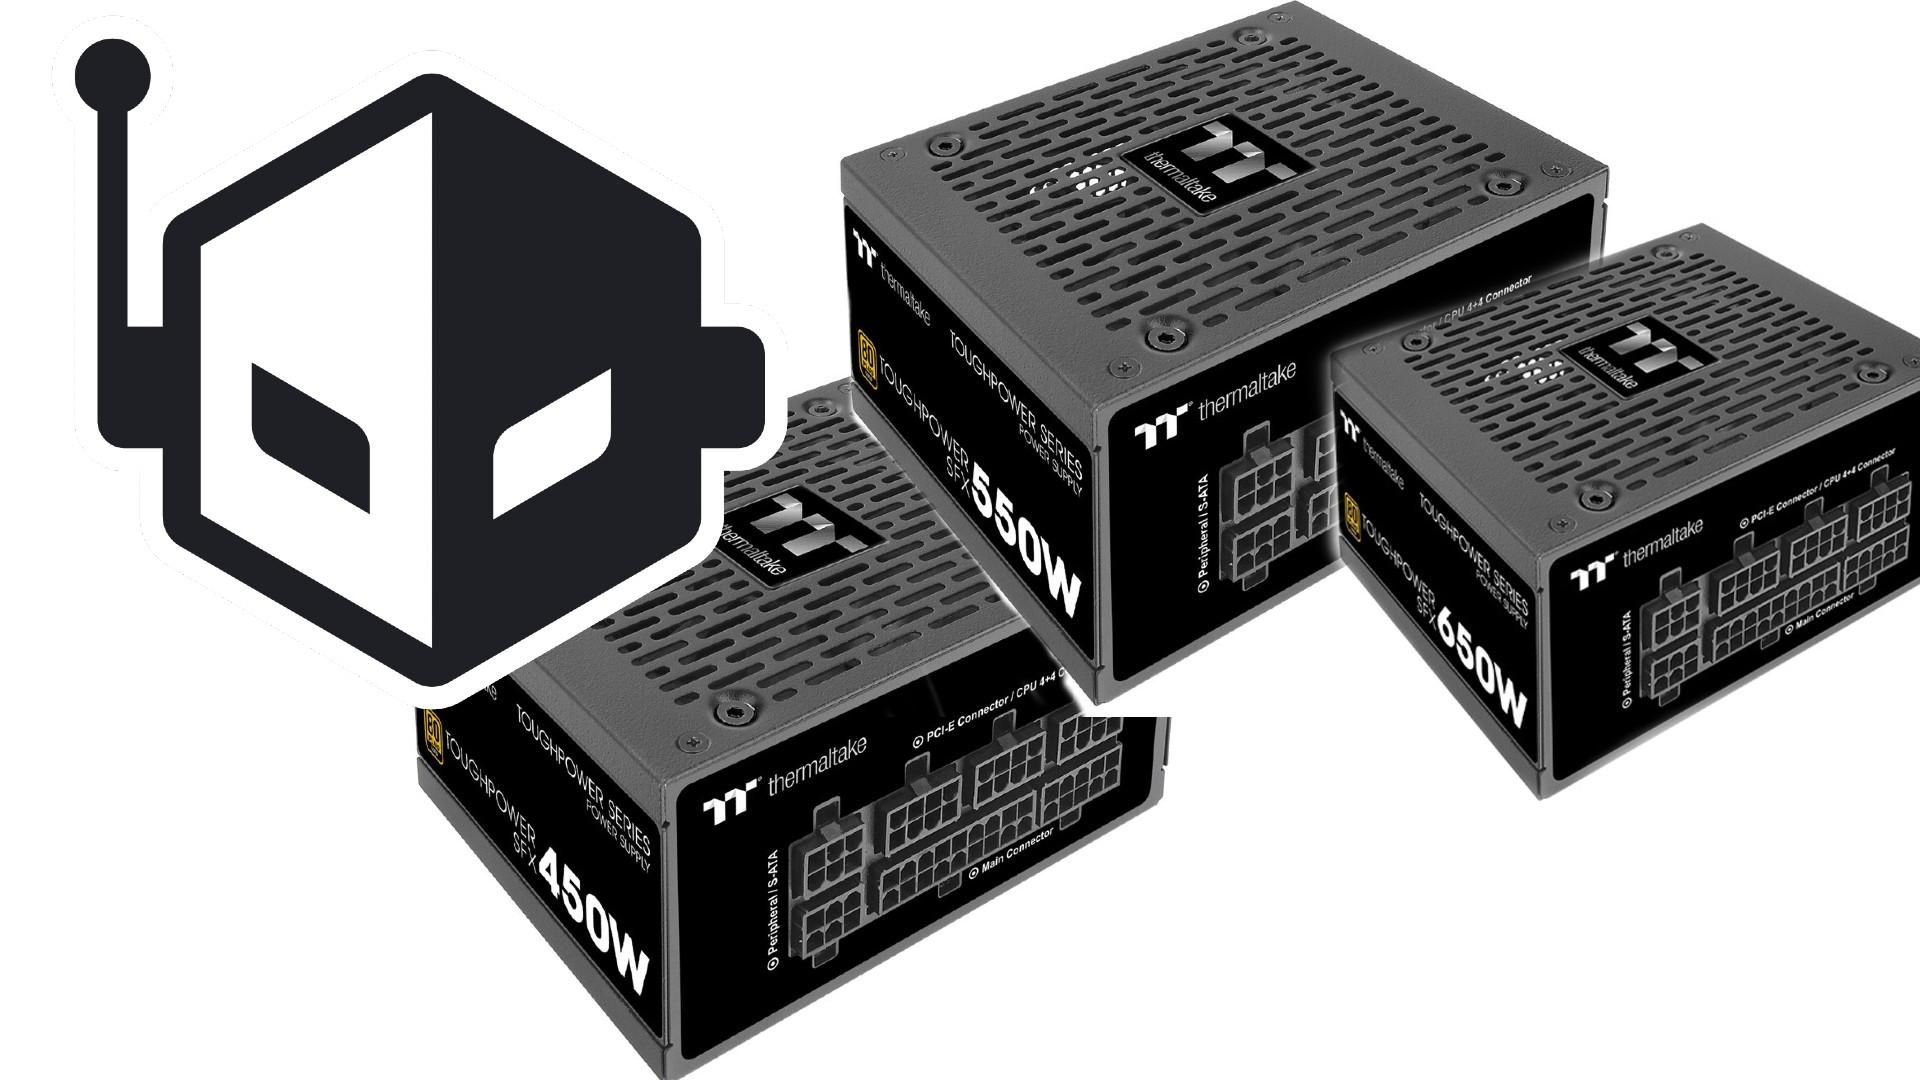 Thermaltake Announces the Toughpower SFX PSU Series